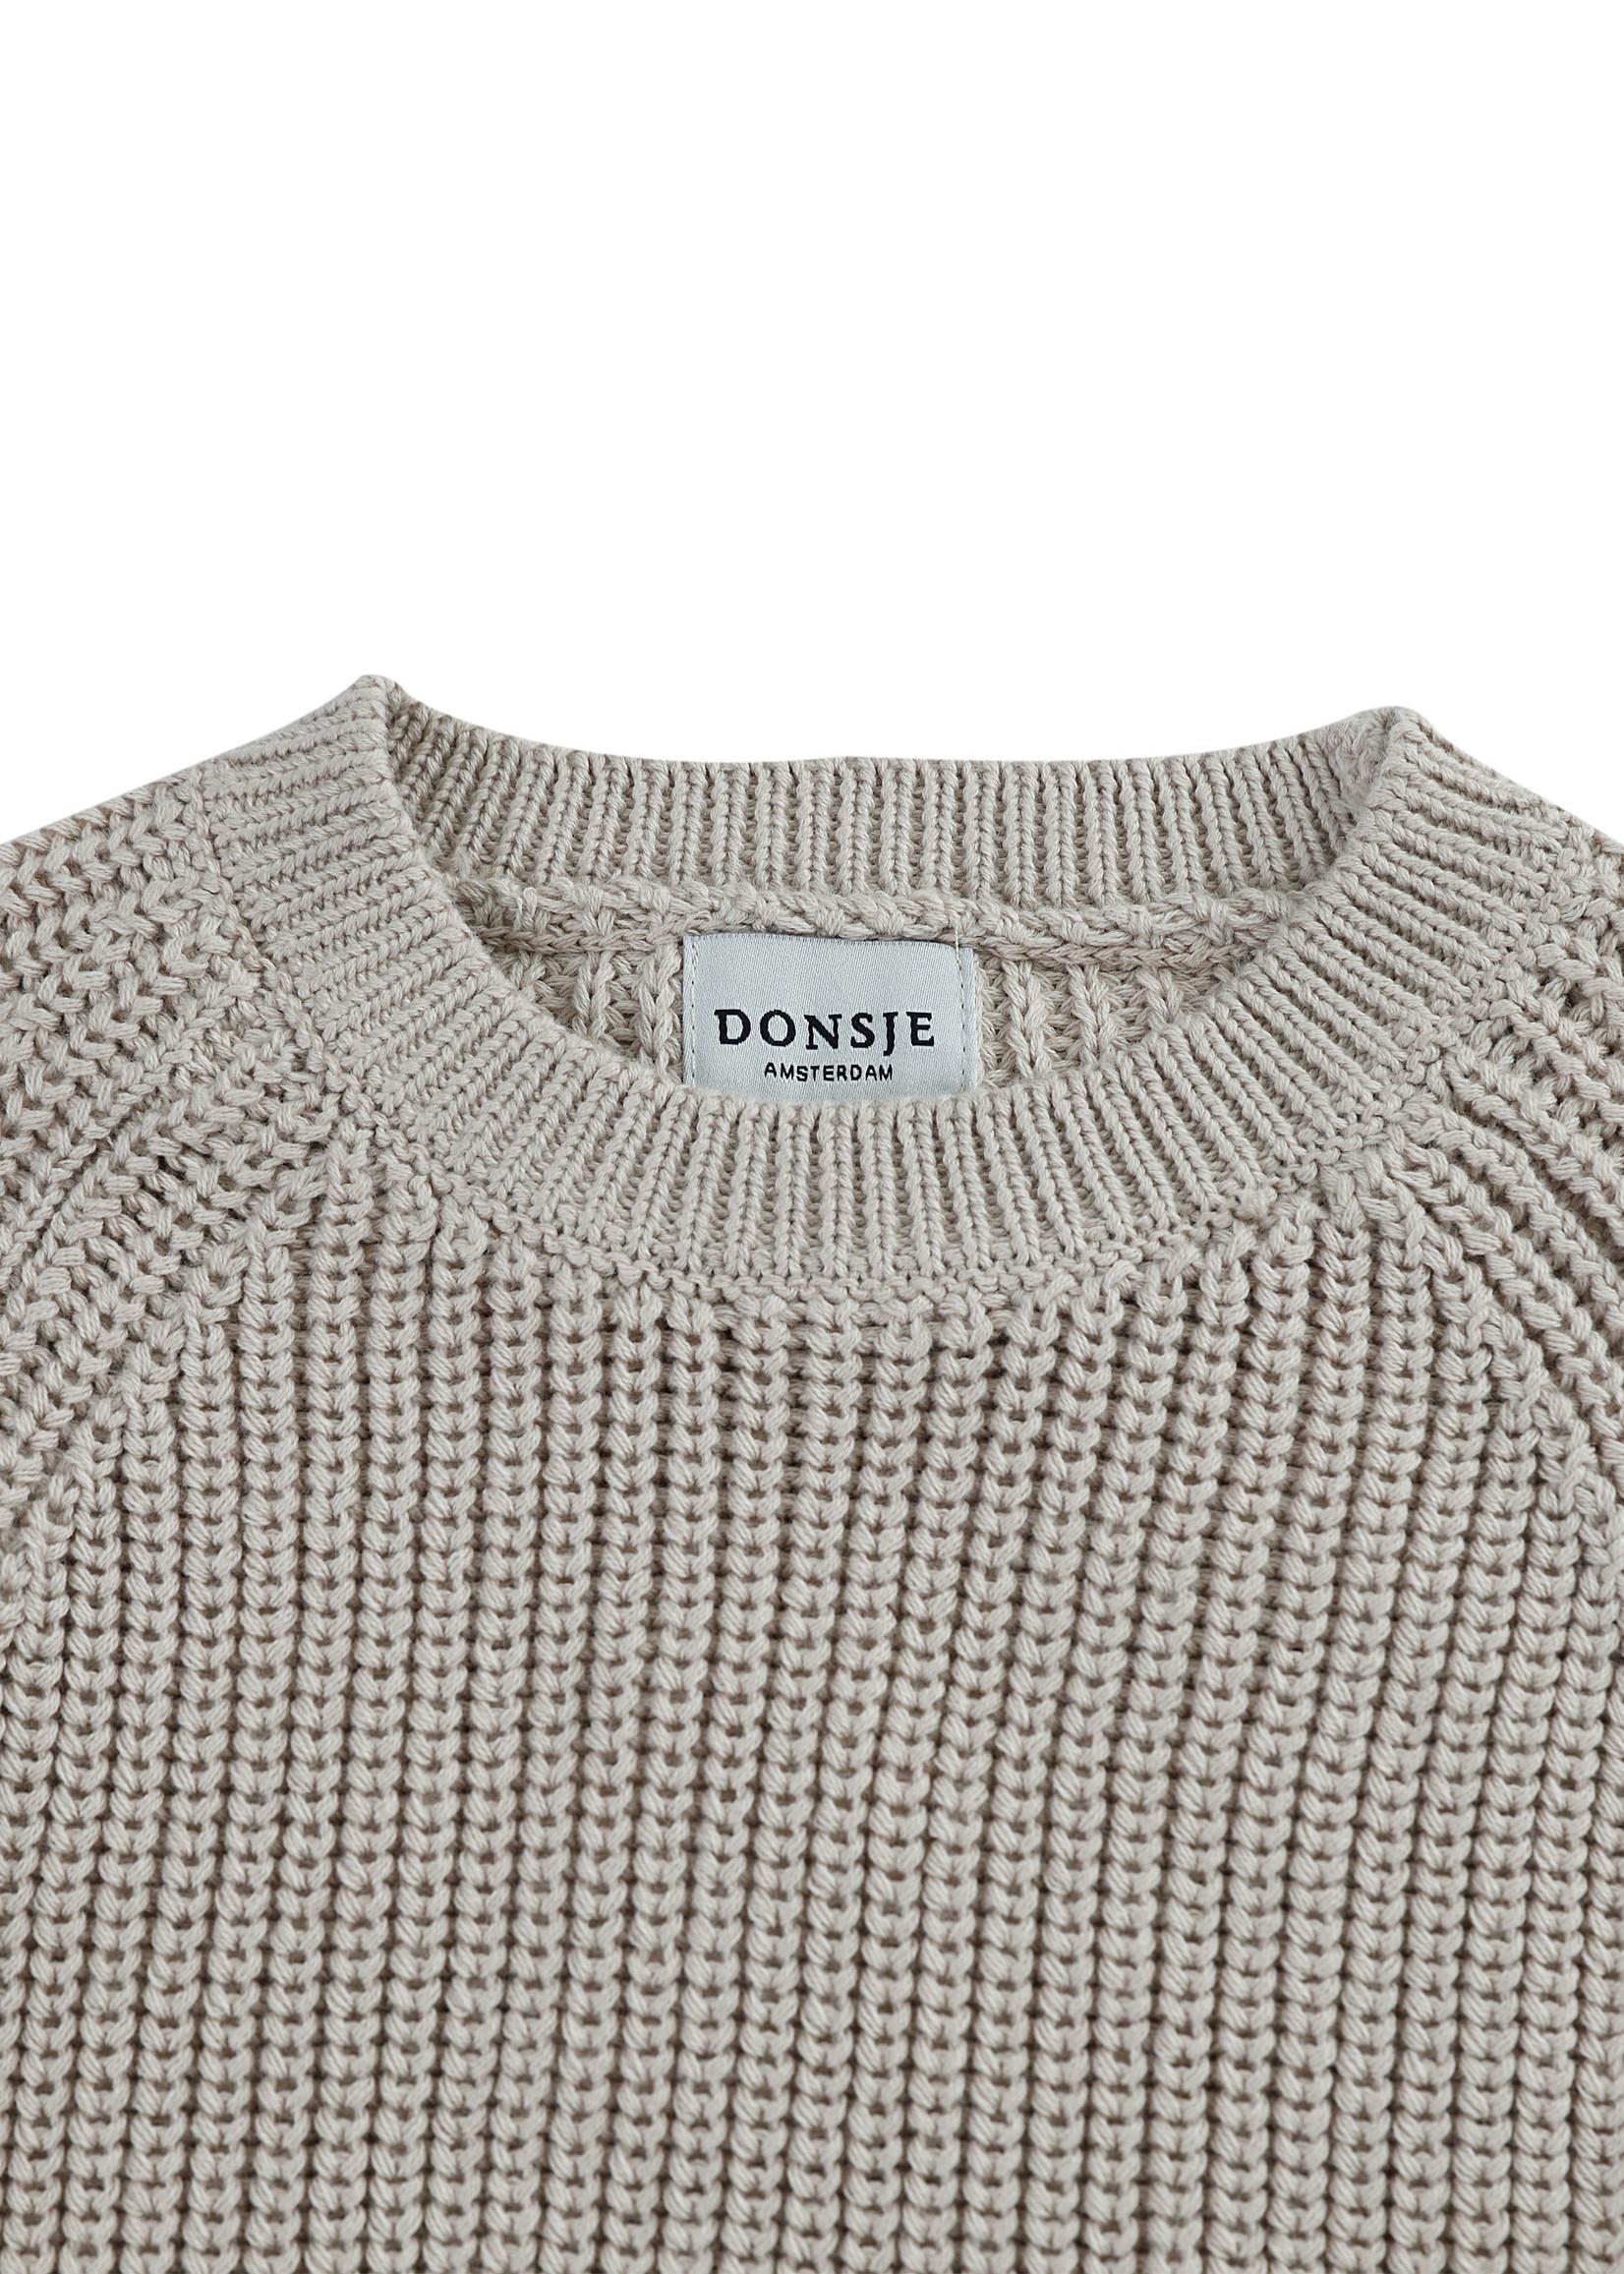 Donsje Amsterdam Jade Sweater - Soft Sand